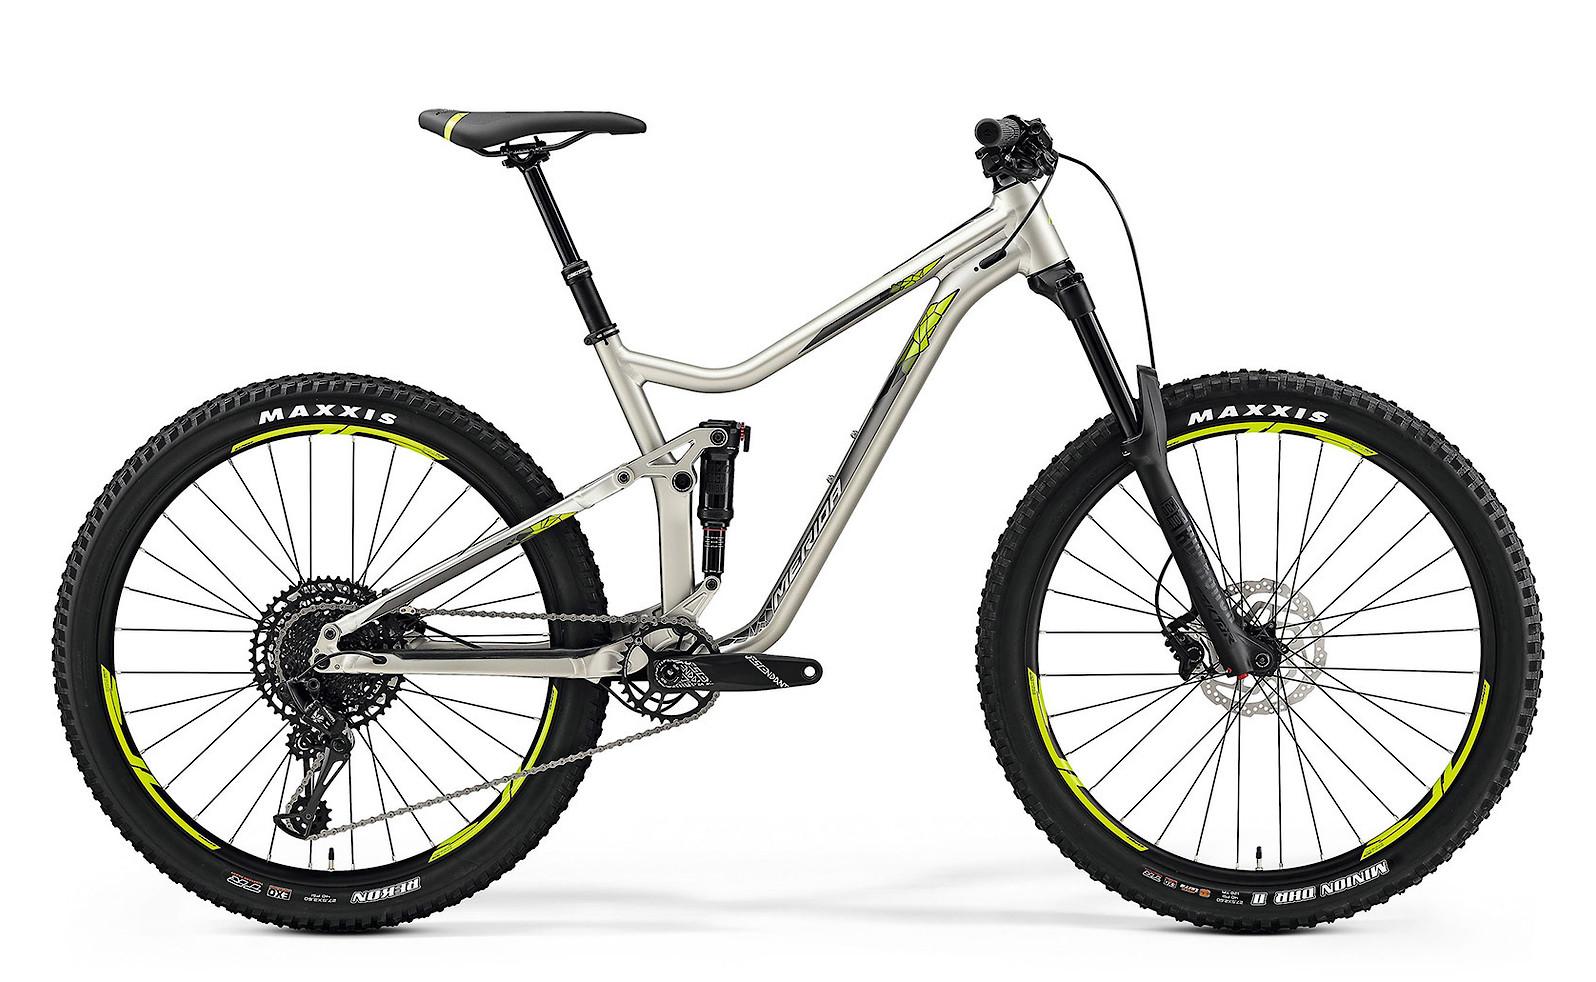 2019 Merida One-Forty 600 Bike